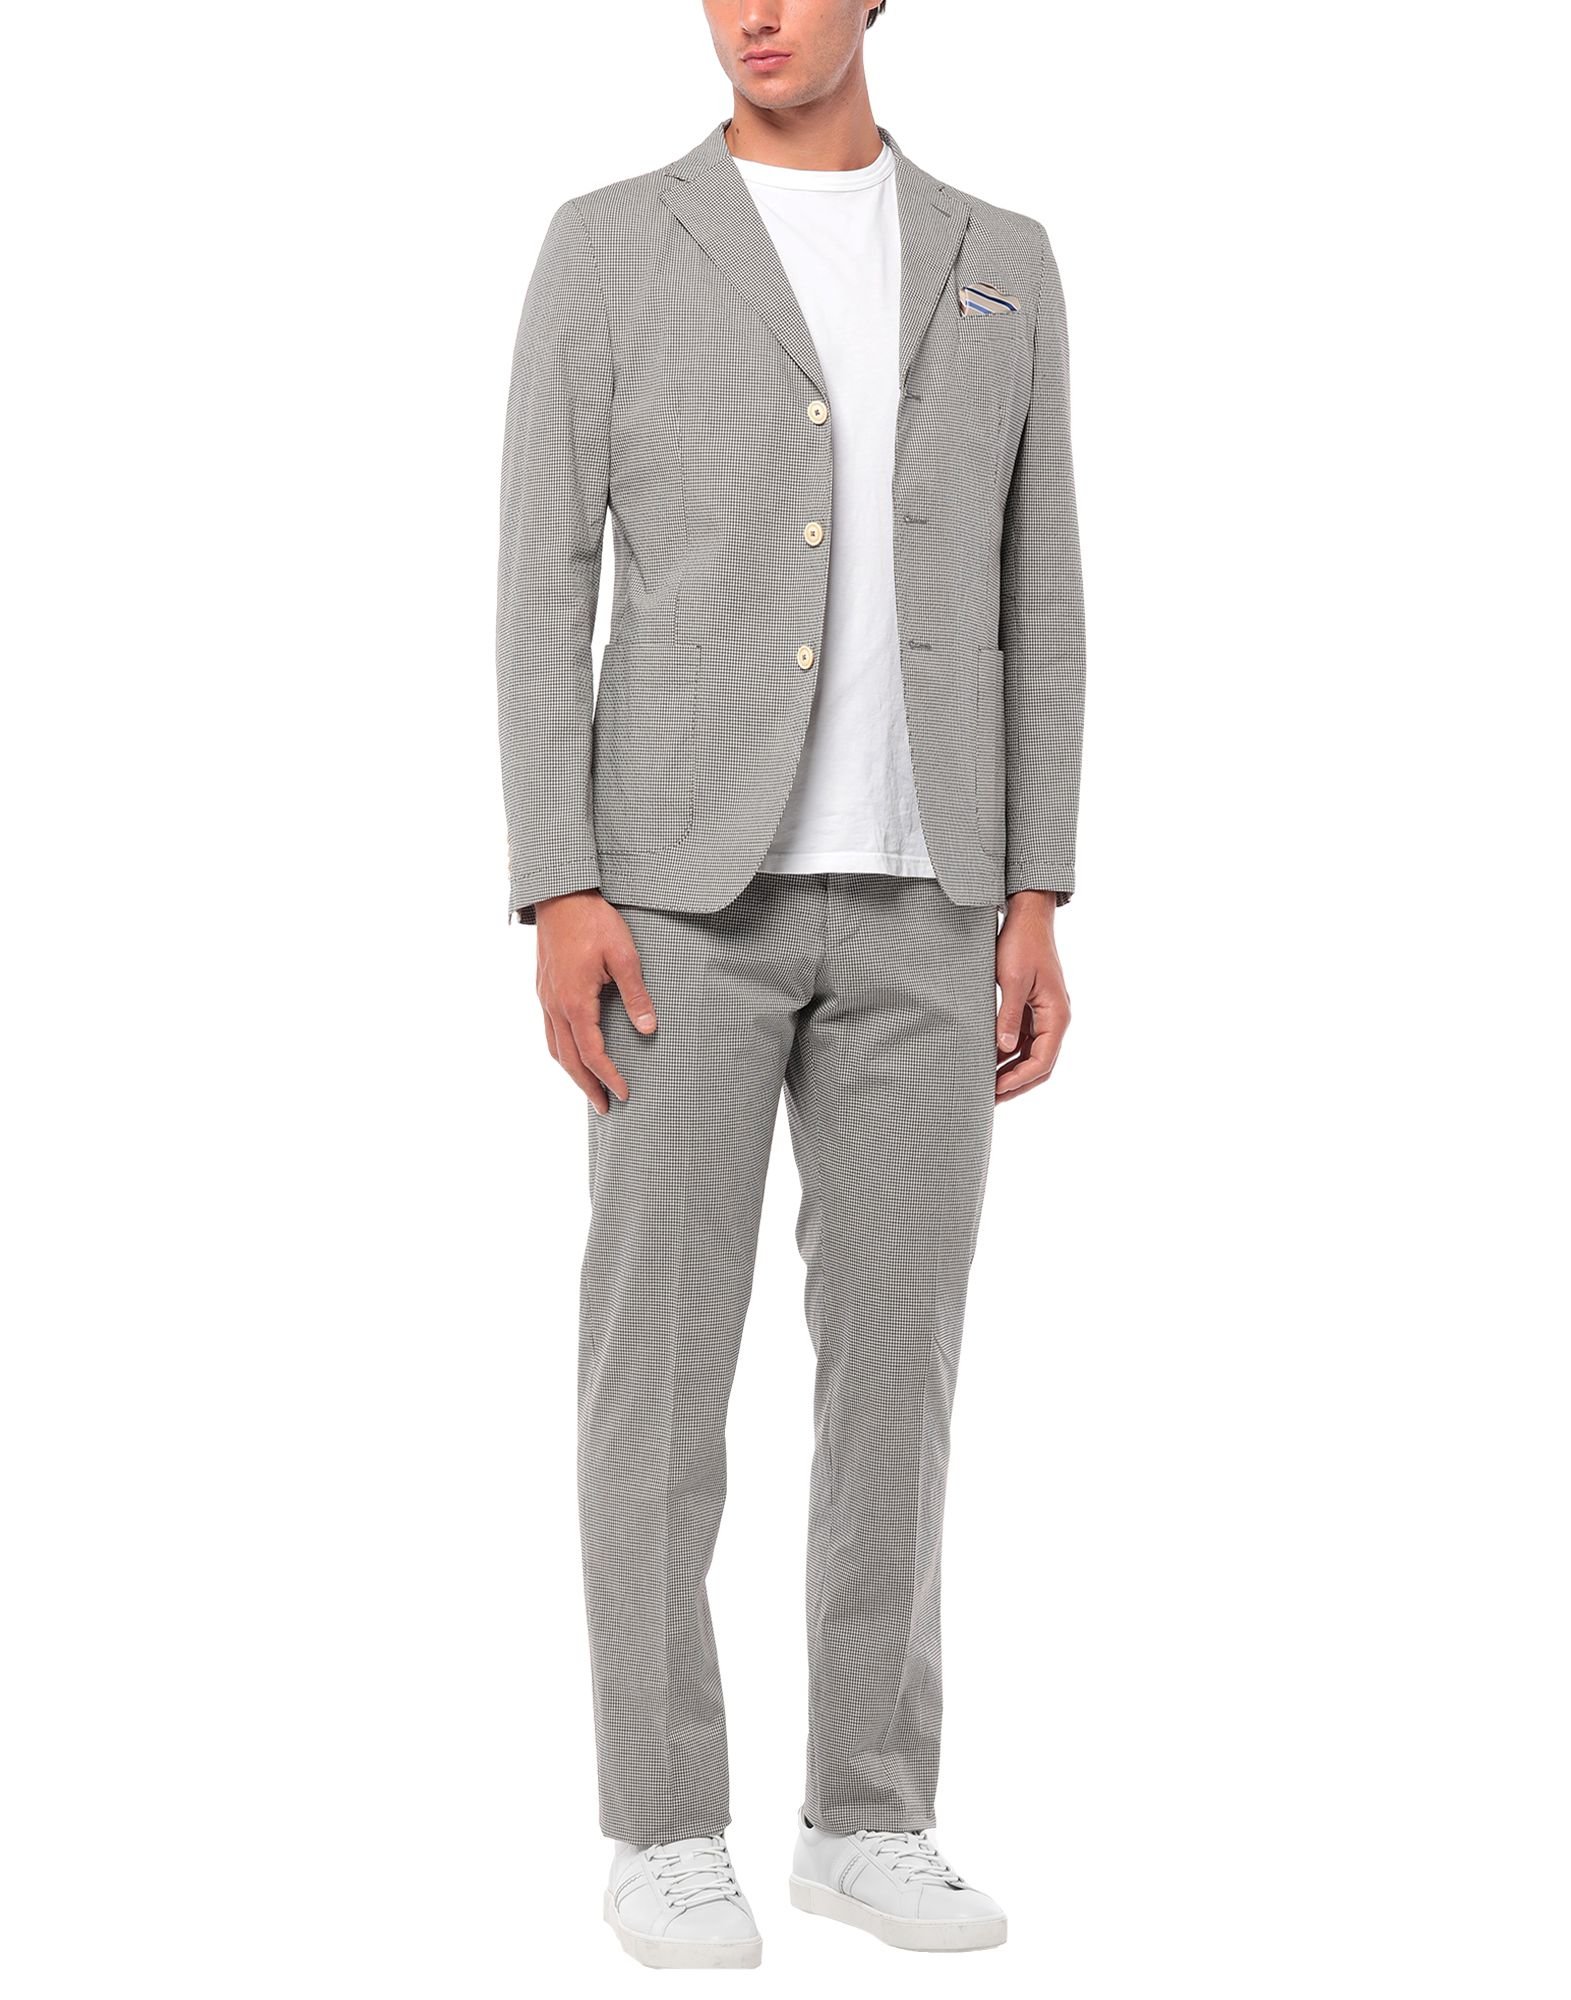 《セール開催中》BERRY & BRIAN メンズ スーツ ダークブラウン 46 コットン 98% / ポリウレタン 2%